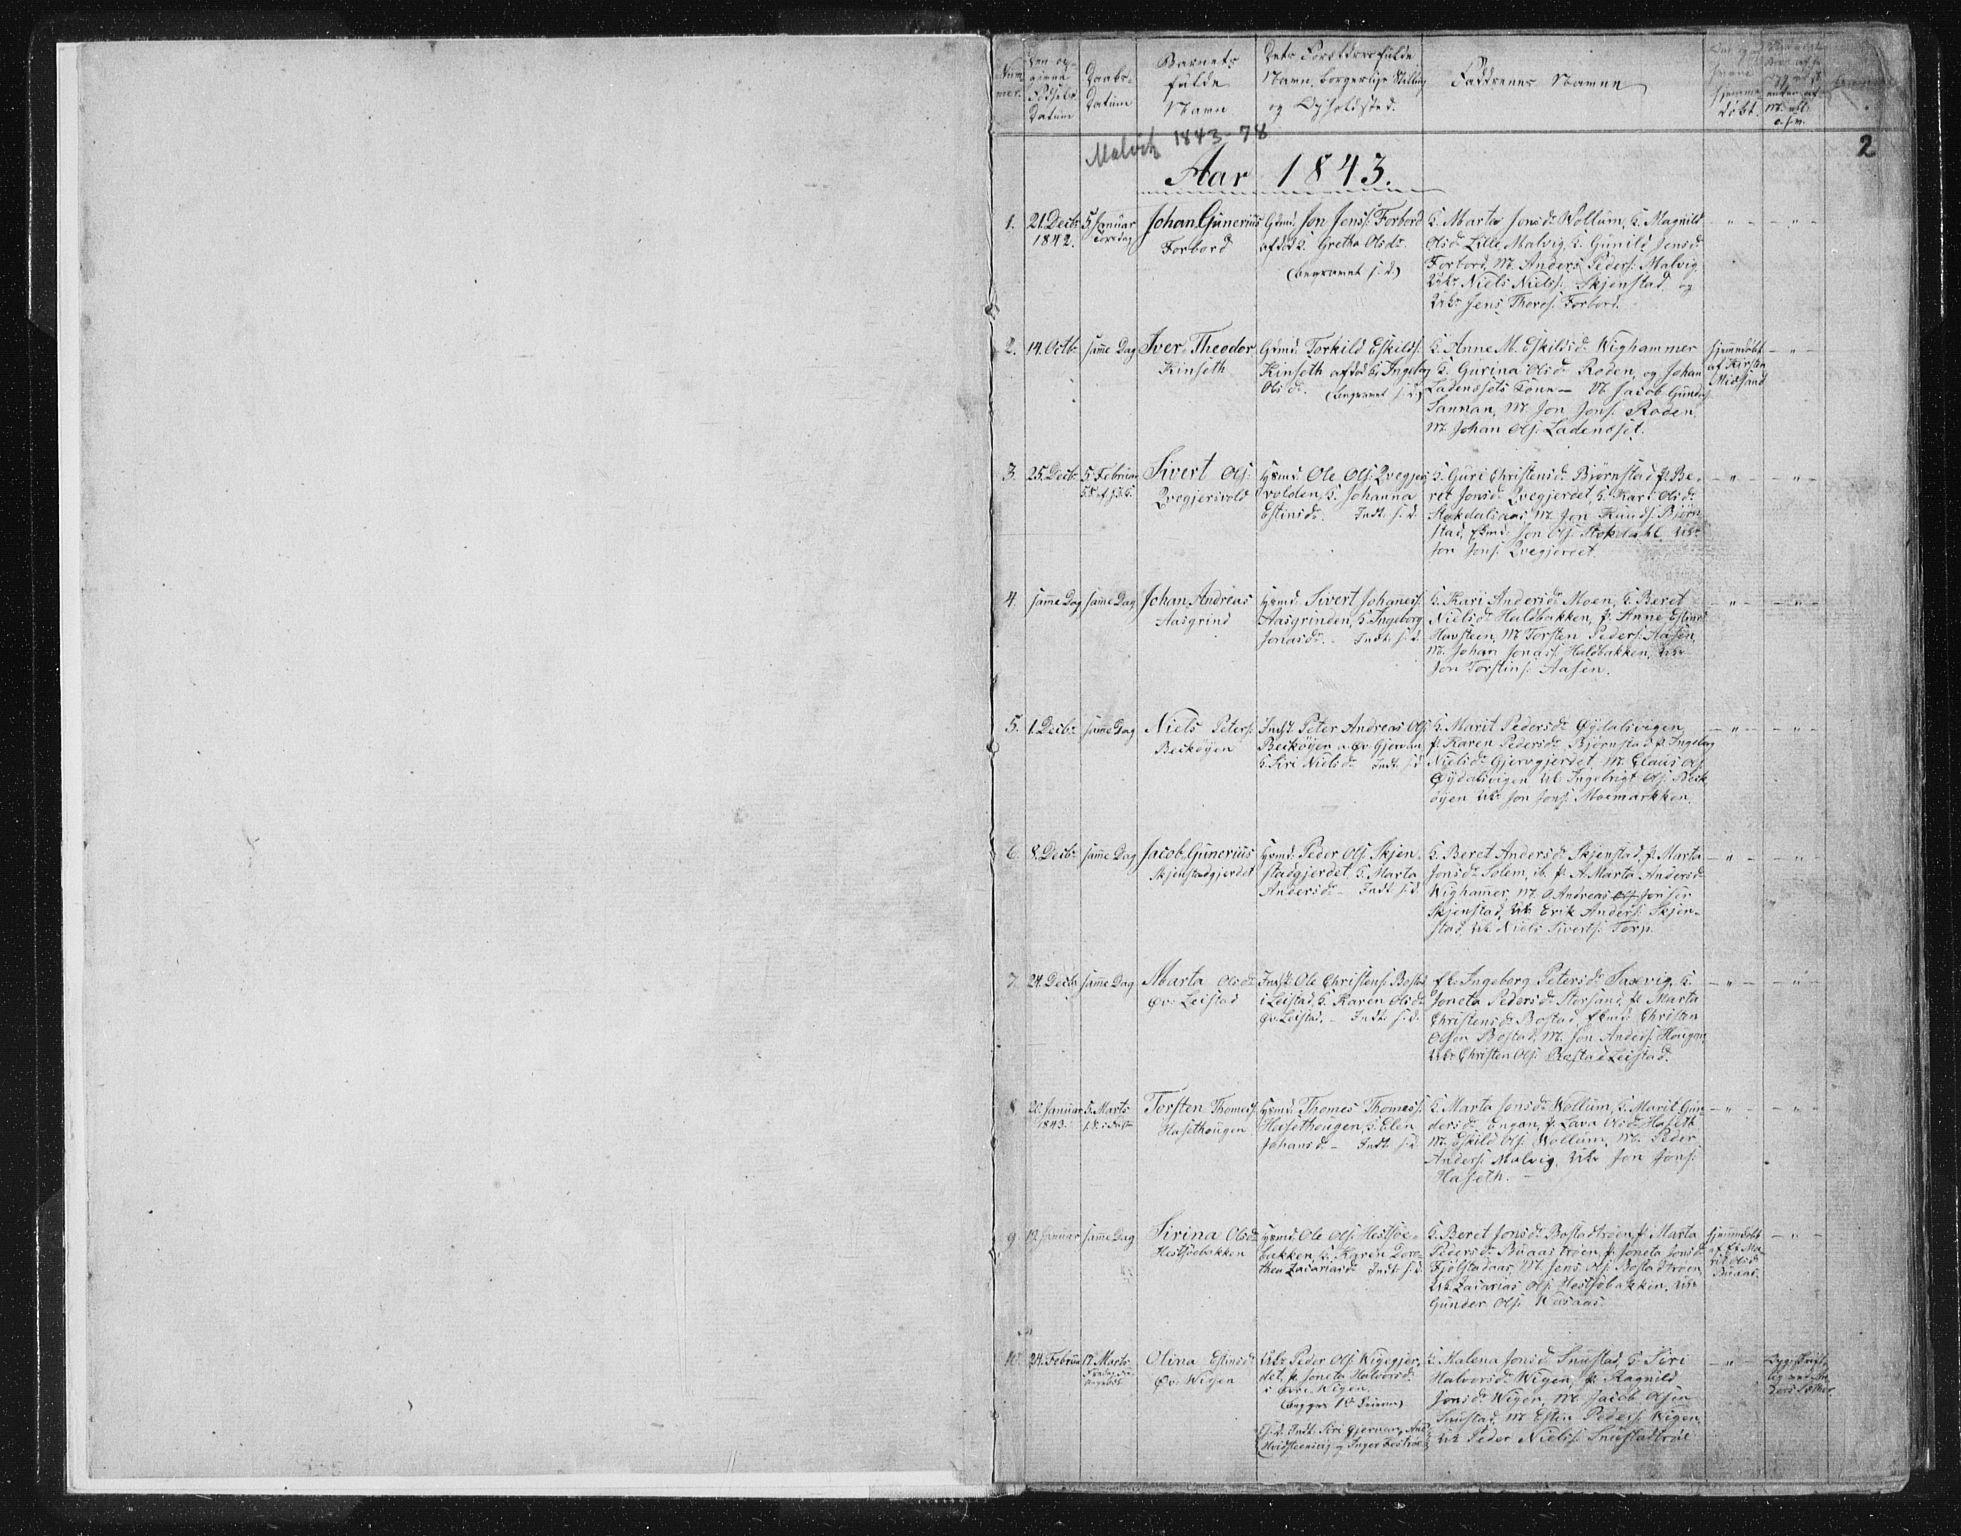 SAT, Ministerialprotokoller, klokkerbøker og fødselsregistre - Sør-Trøndelag, 616/L0406: Ministerialbok nr. 616A03, 1843-1879, s. 2